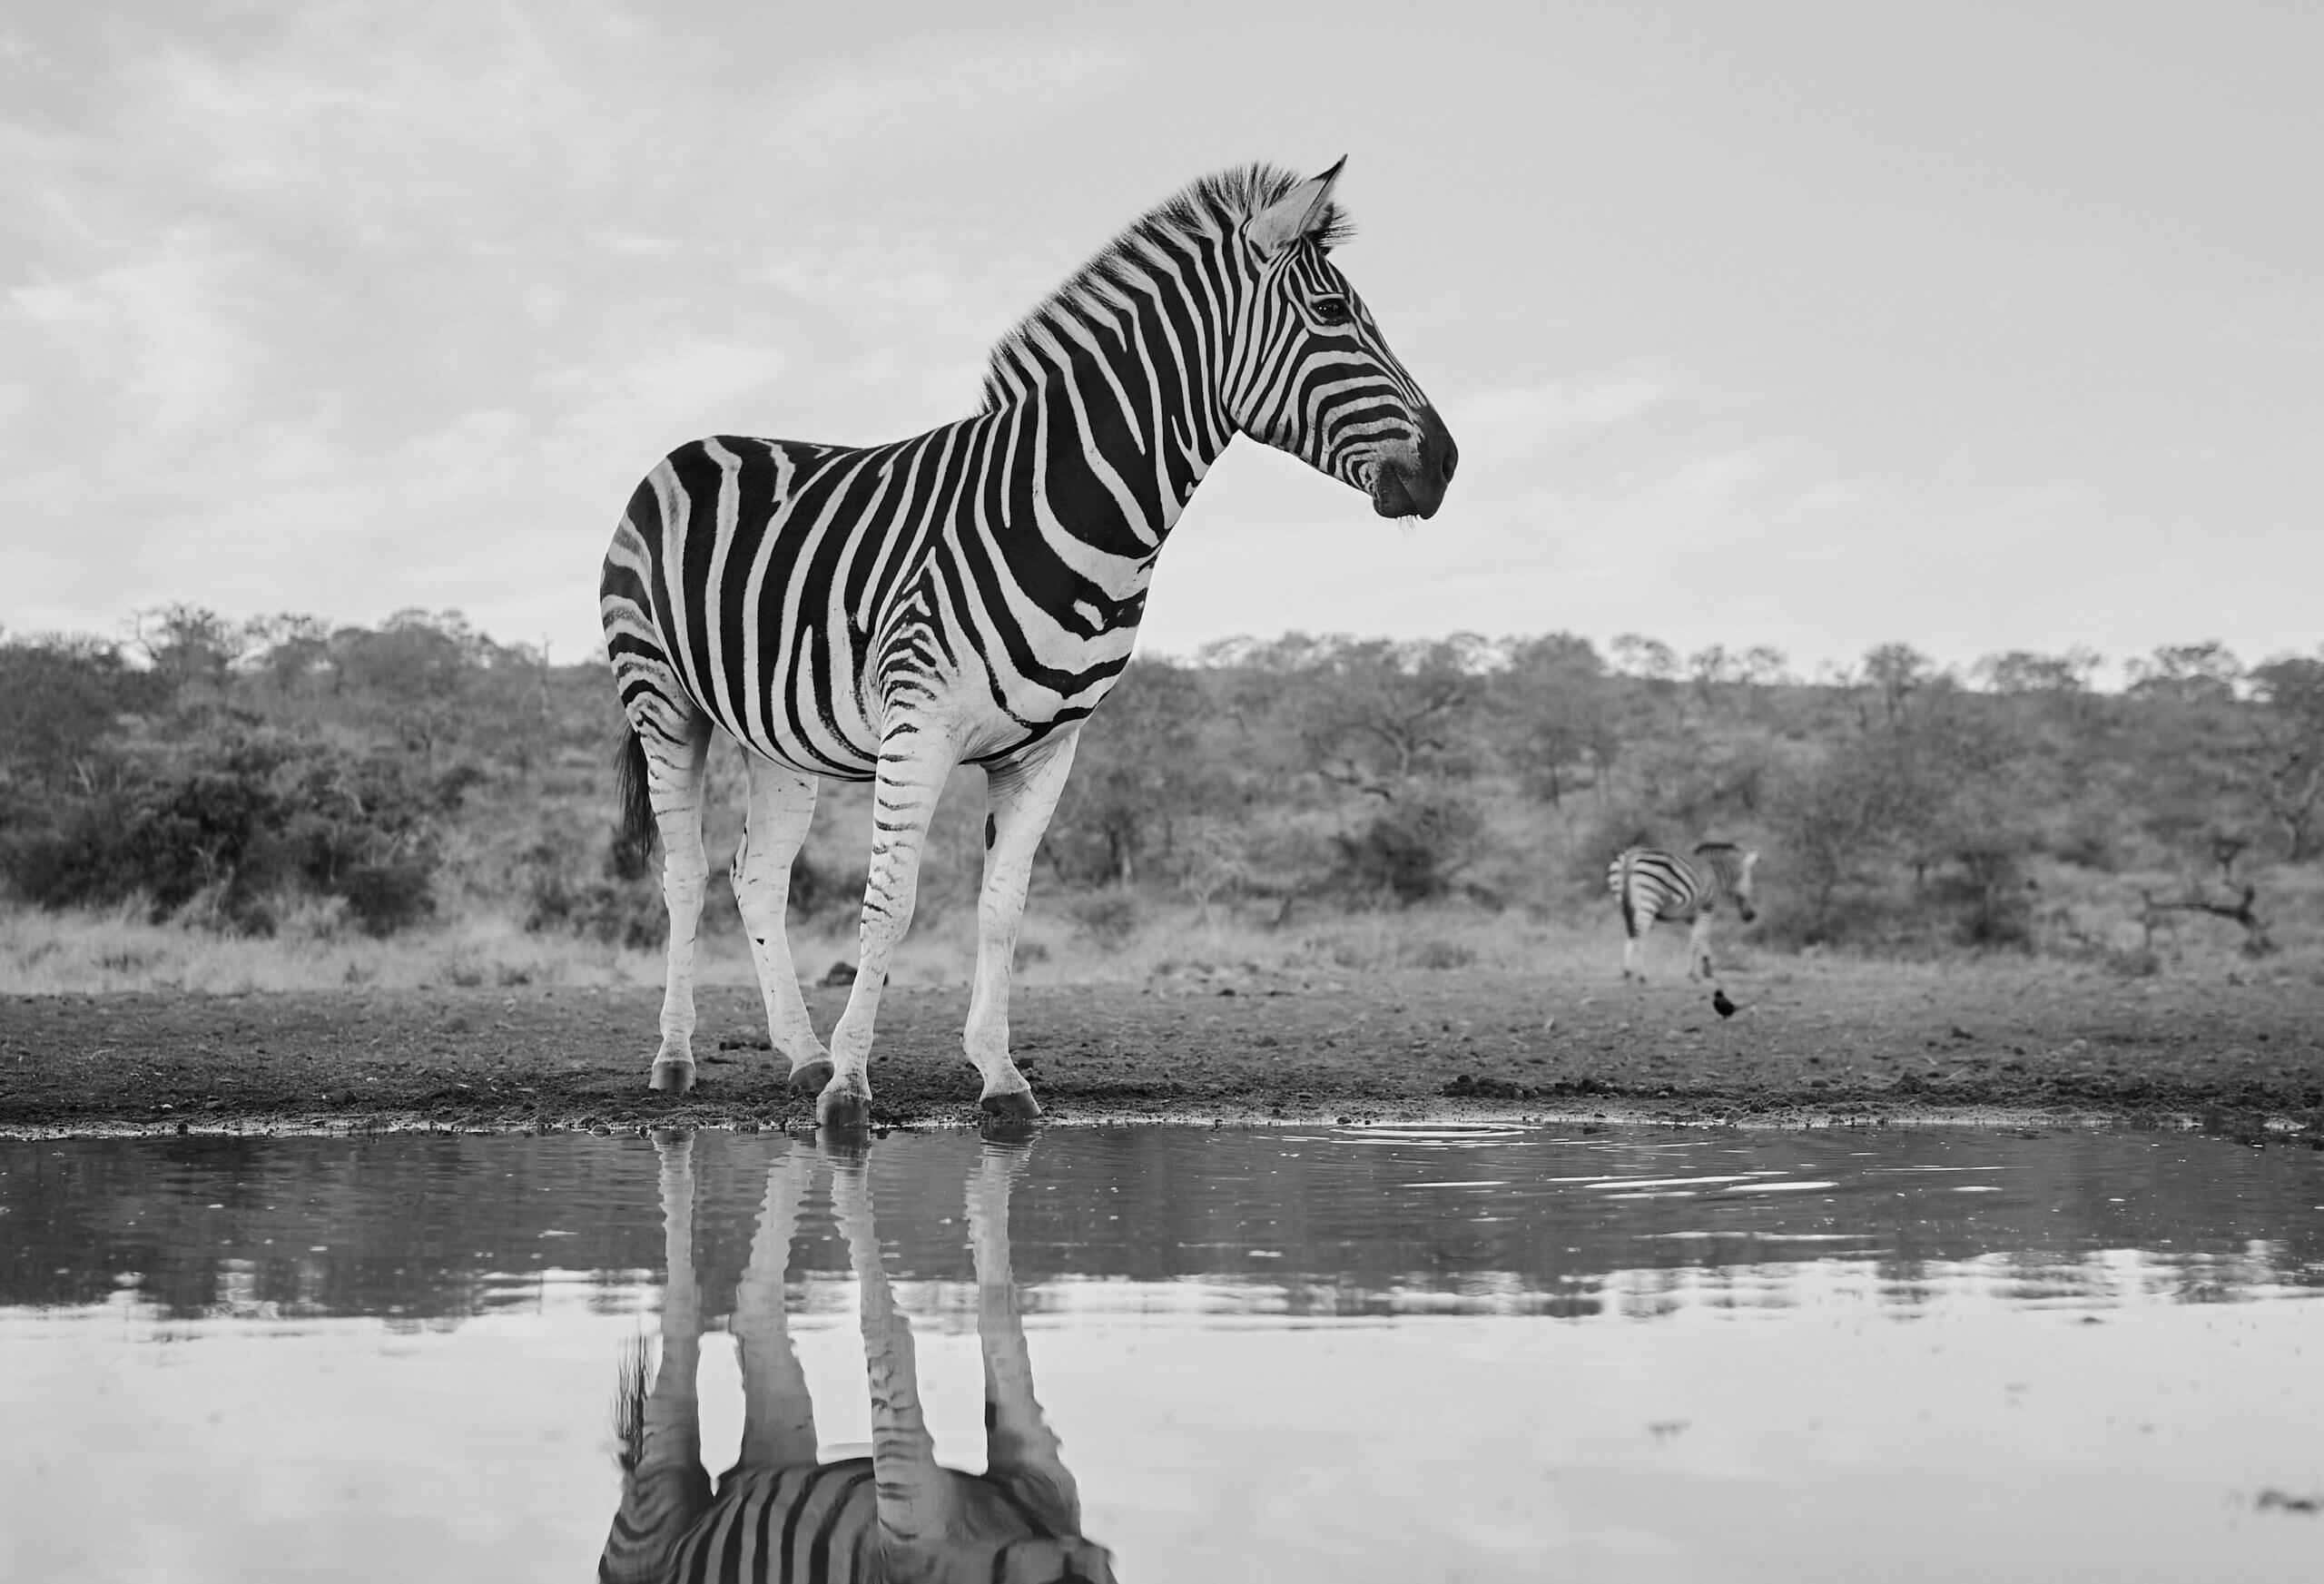 Zebra Puzzled